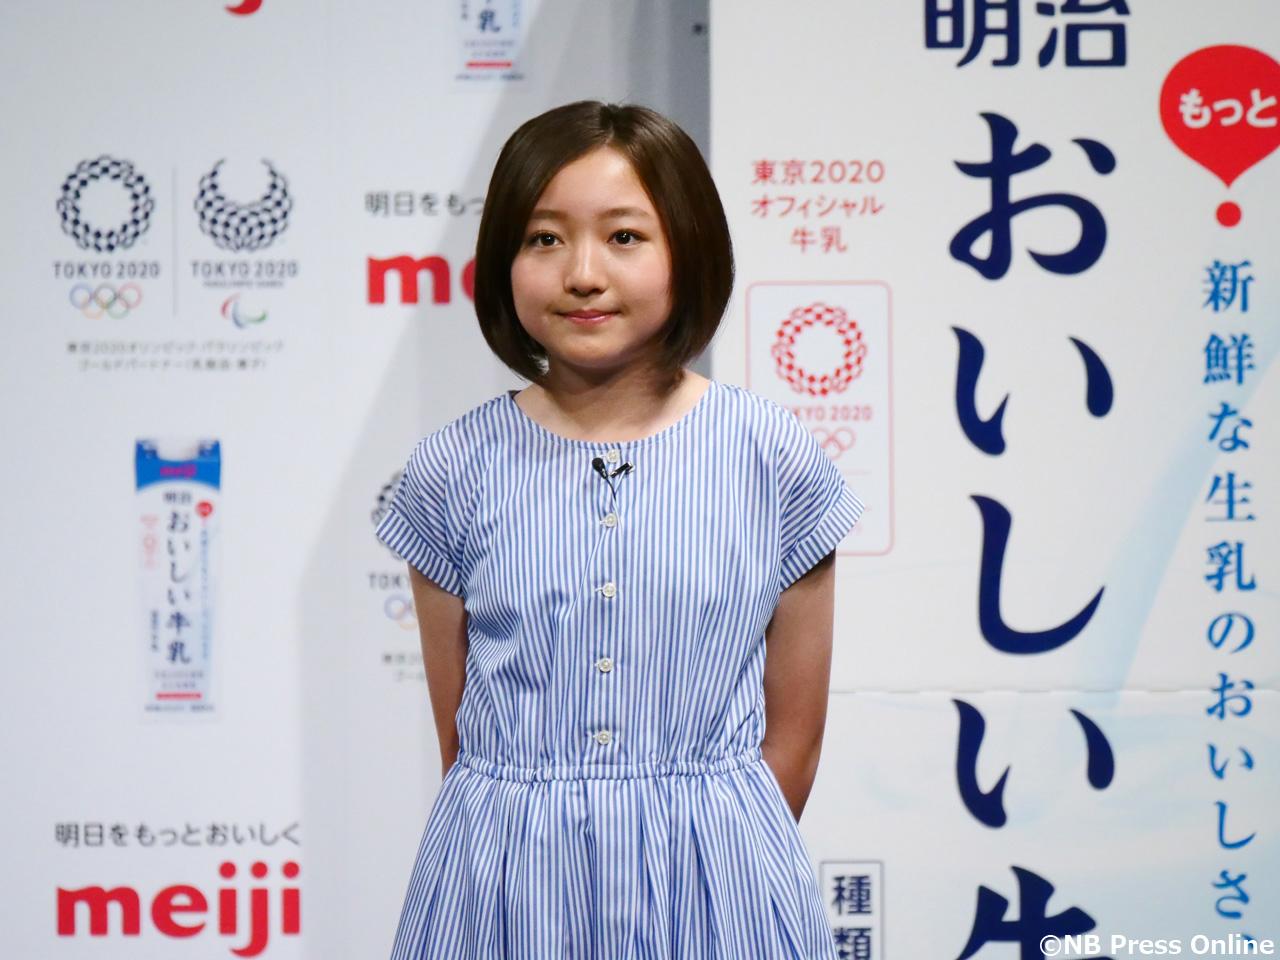 谷花音 - 『明治おいしい牛乳』東京2020オフィシャル牛乳 発表イベント